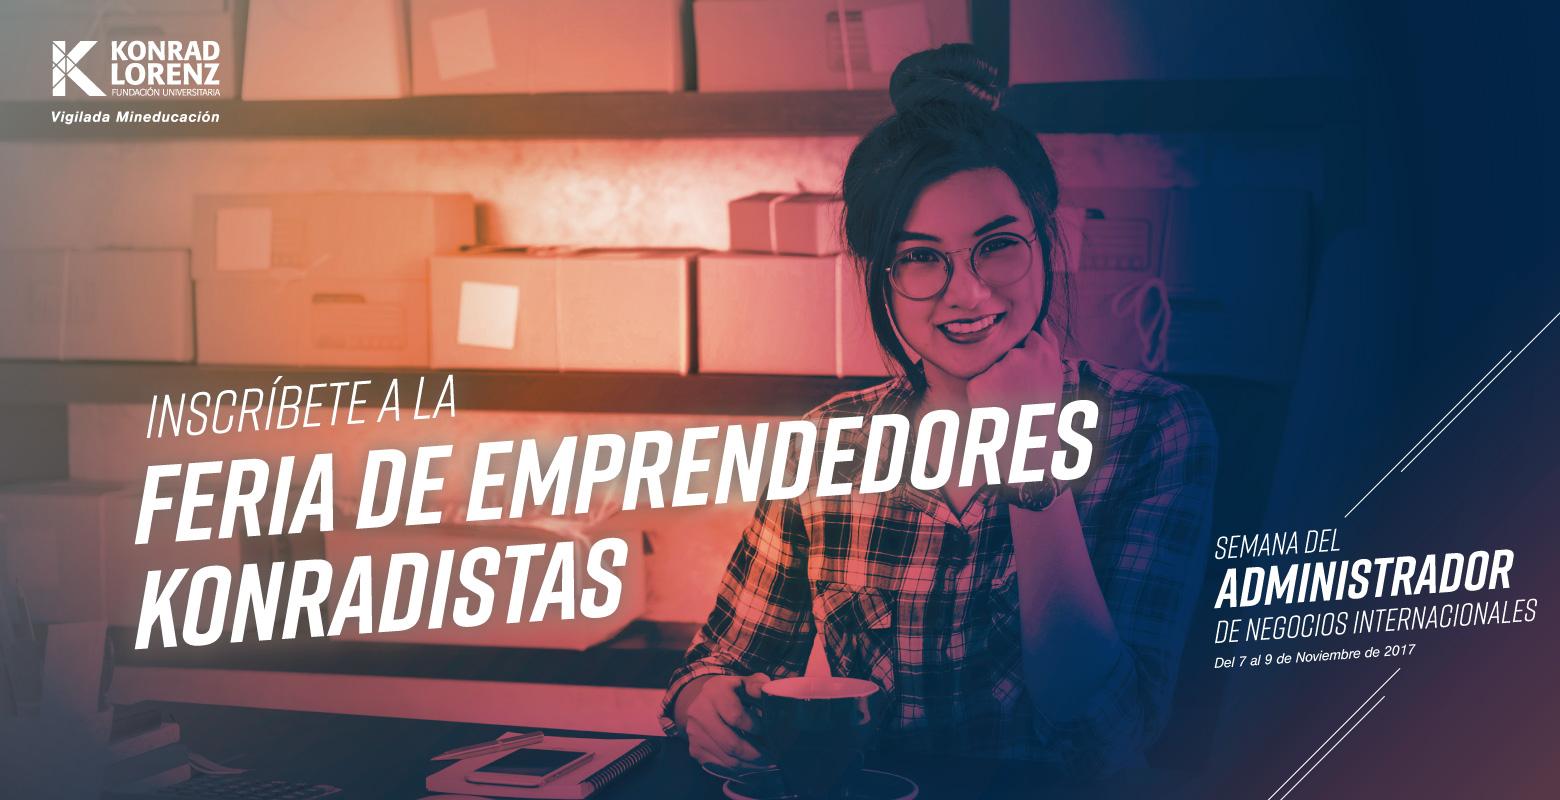 Participa en la Feria de Emprendedores Konradistas